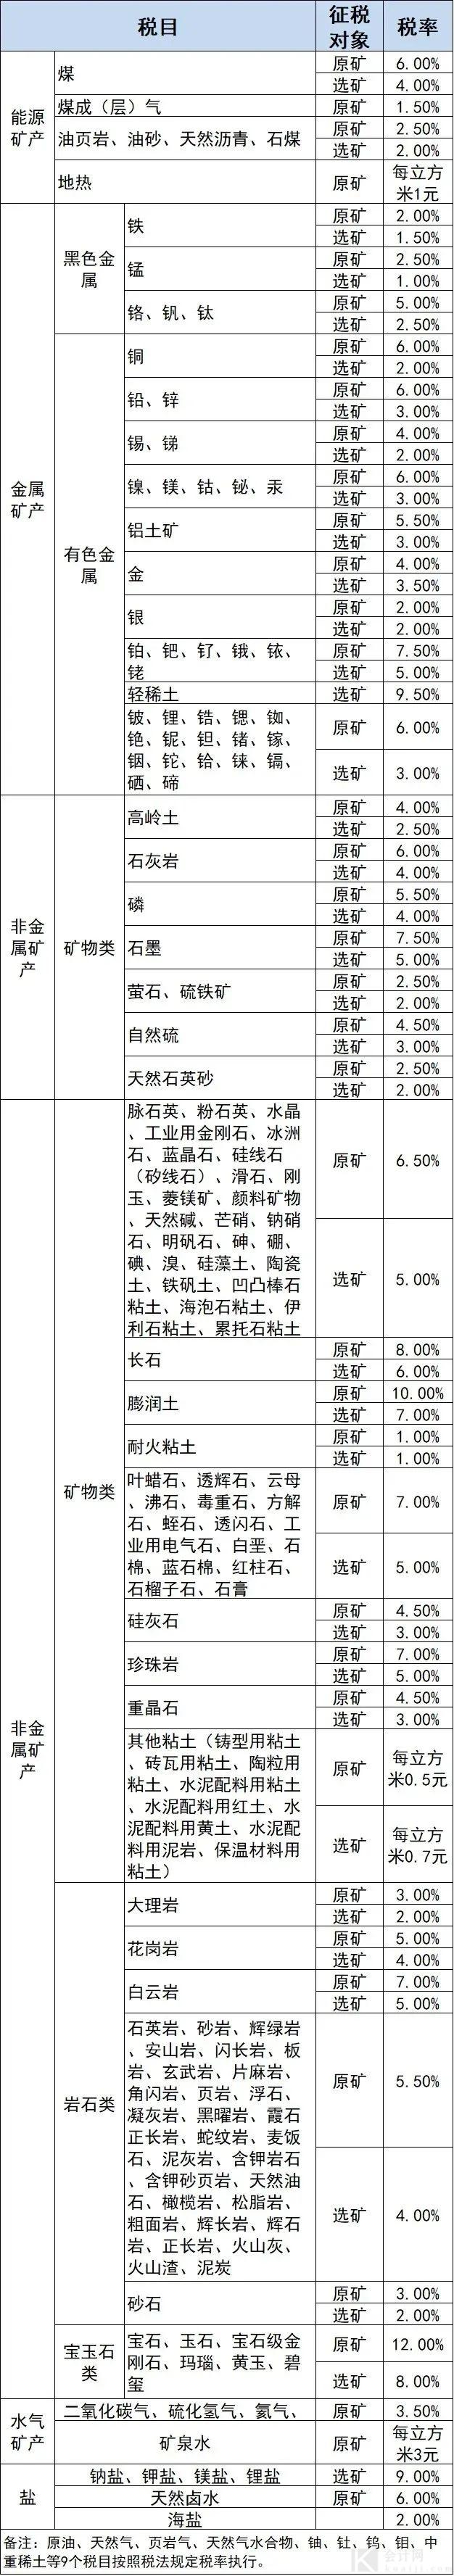 资源税税目税率